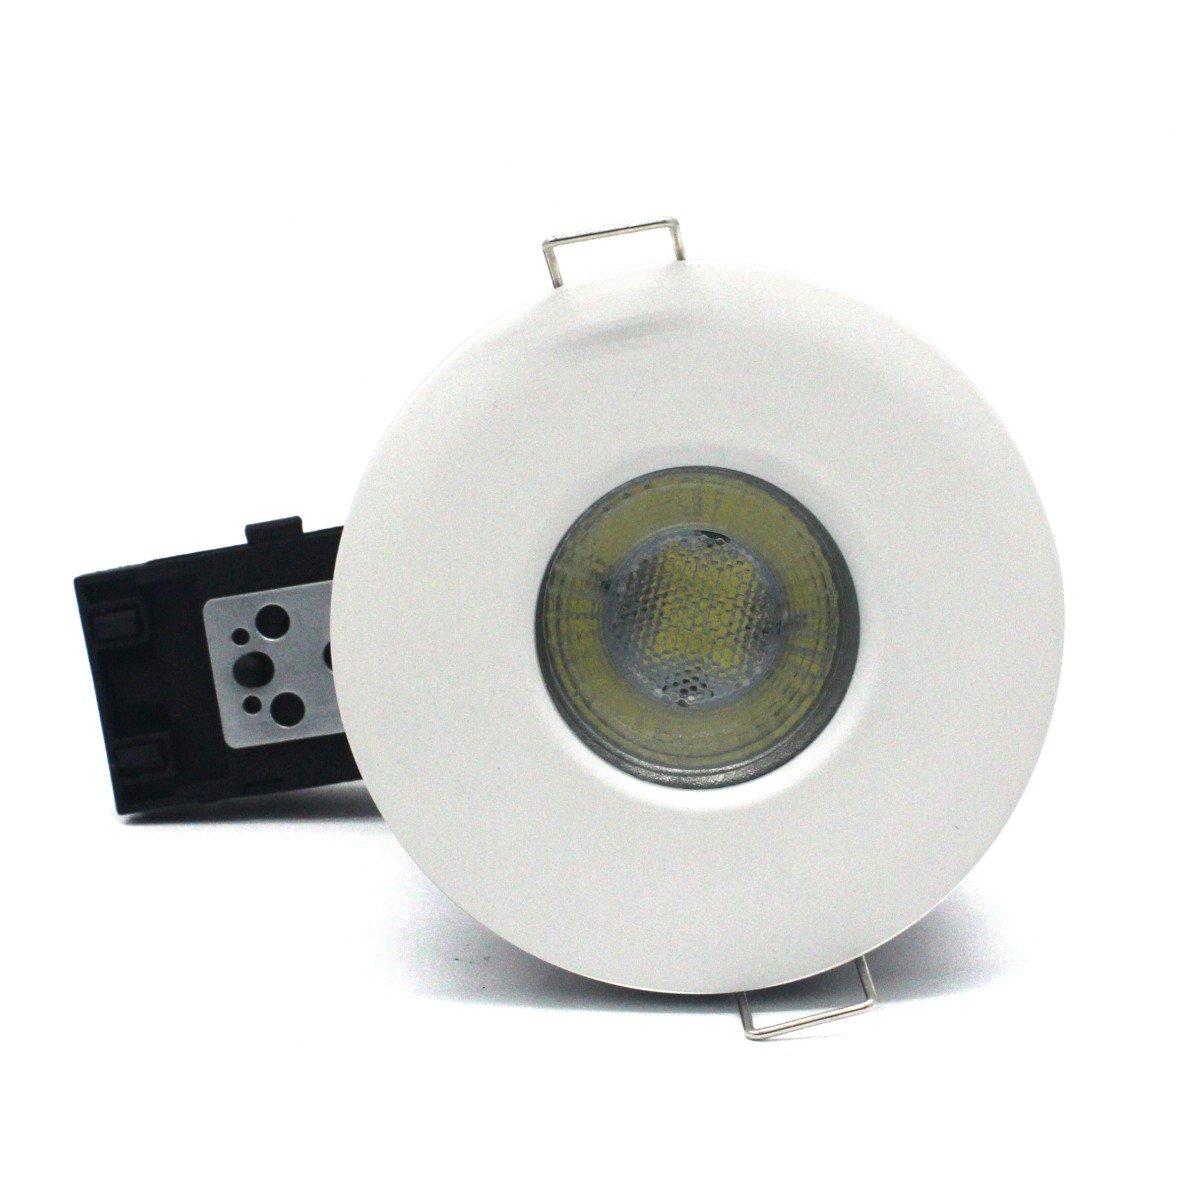 2 pi/èces Fire Rated 90 minutes salle de bain spot Chrom/é Sanlumia coupe-feu GU10 encastr/é downlight Twist /& Lock IP65 compatible LED